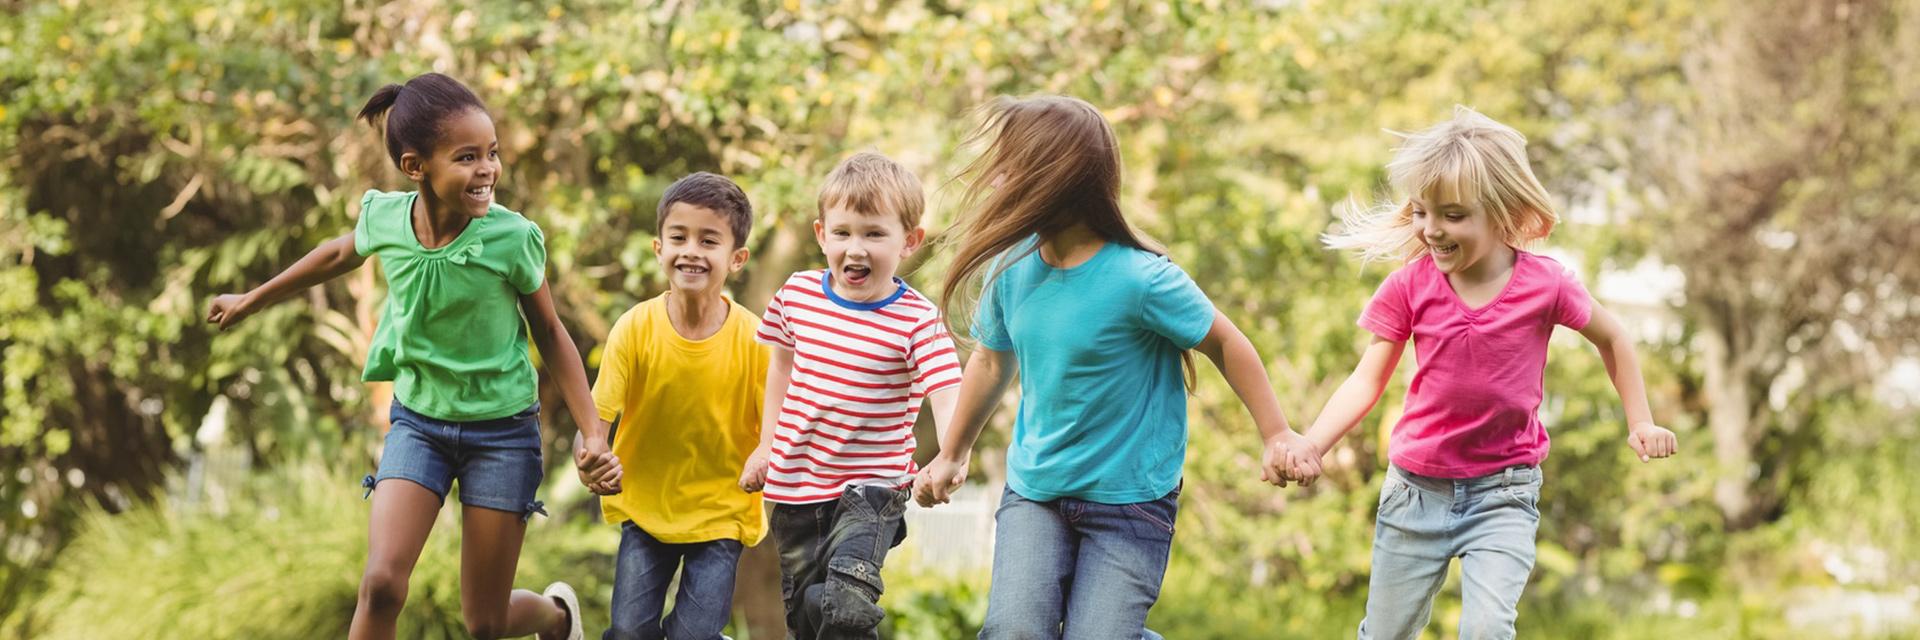 village-vacances-cap-france-souffle-vert-enfants-joie